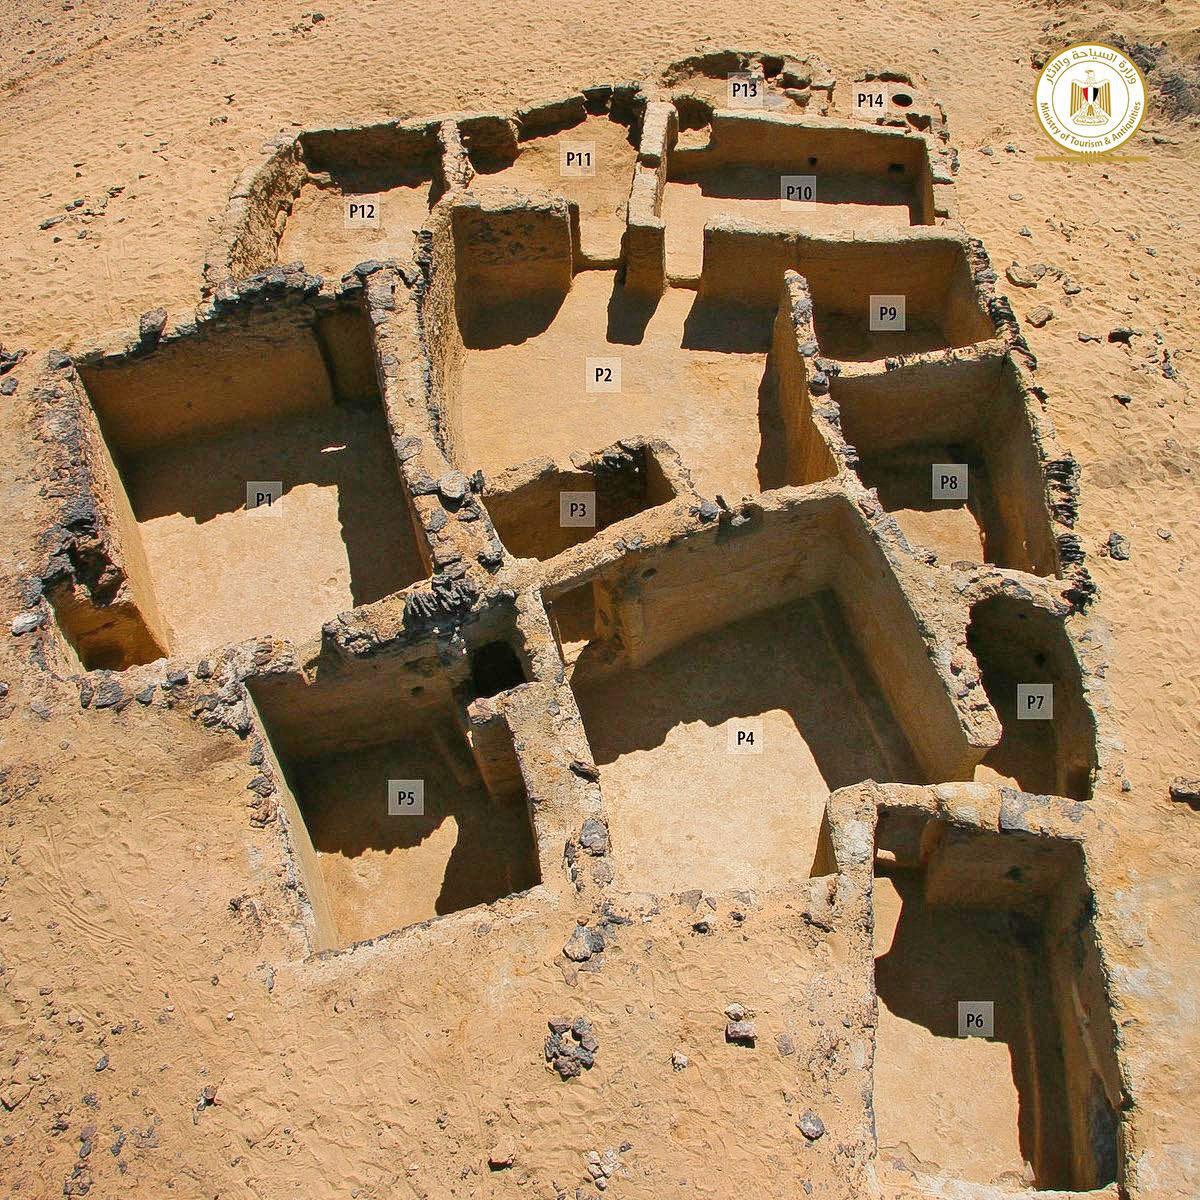 Ελληνικές επιγραφές στο αρχαιότερο μοναστήρι του κόσμου